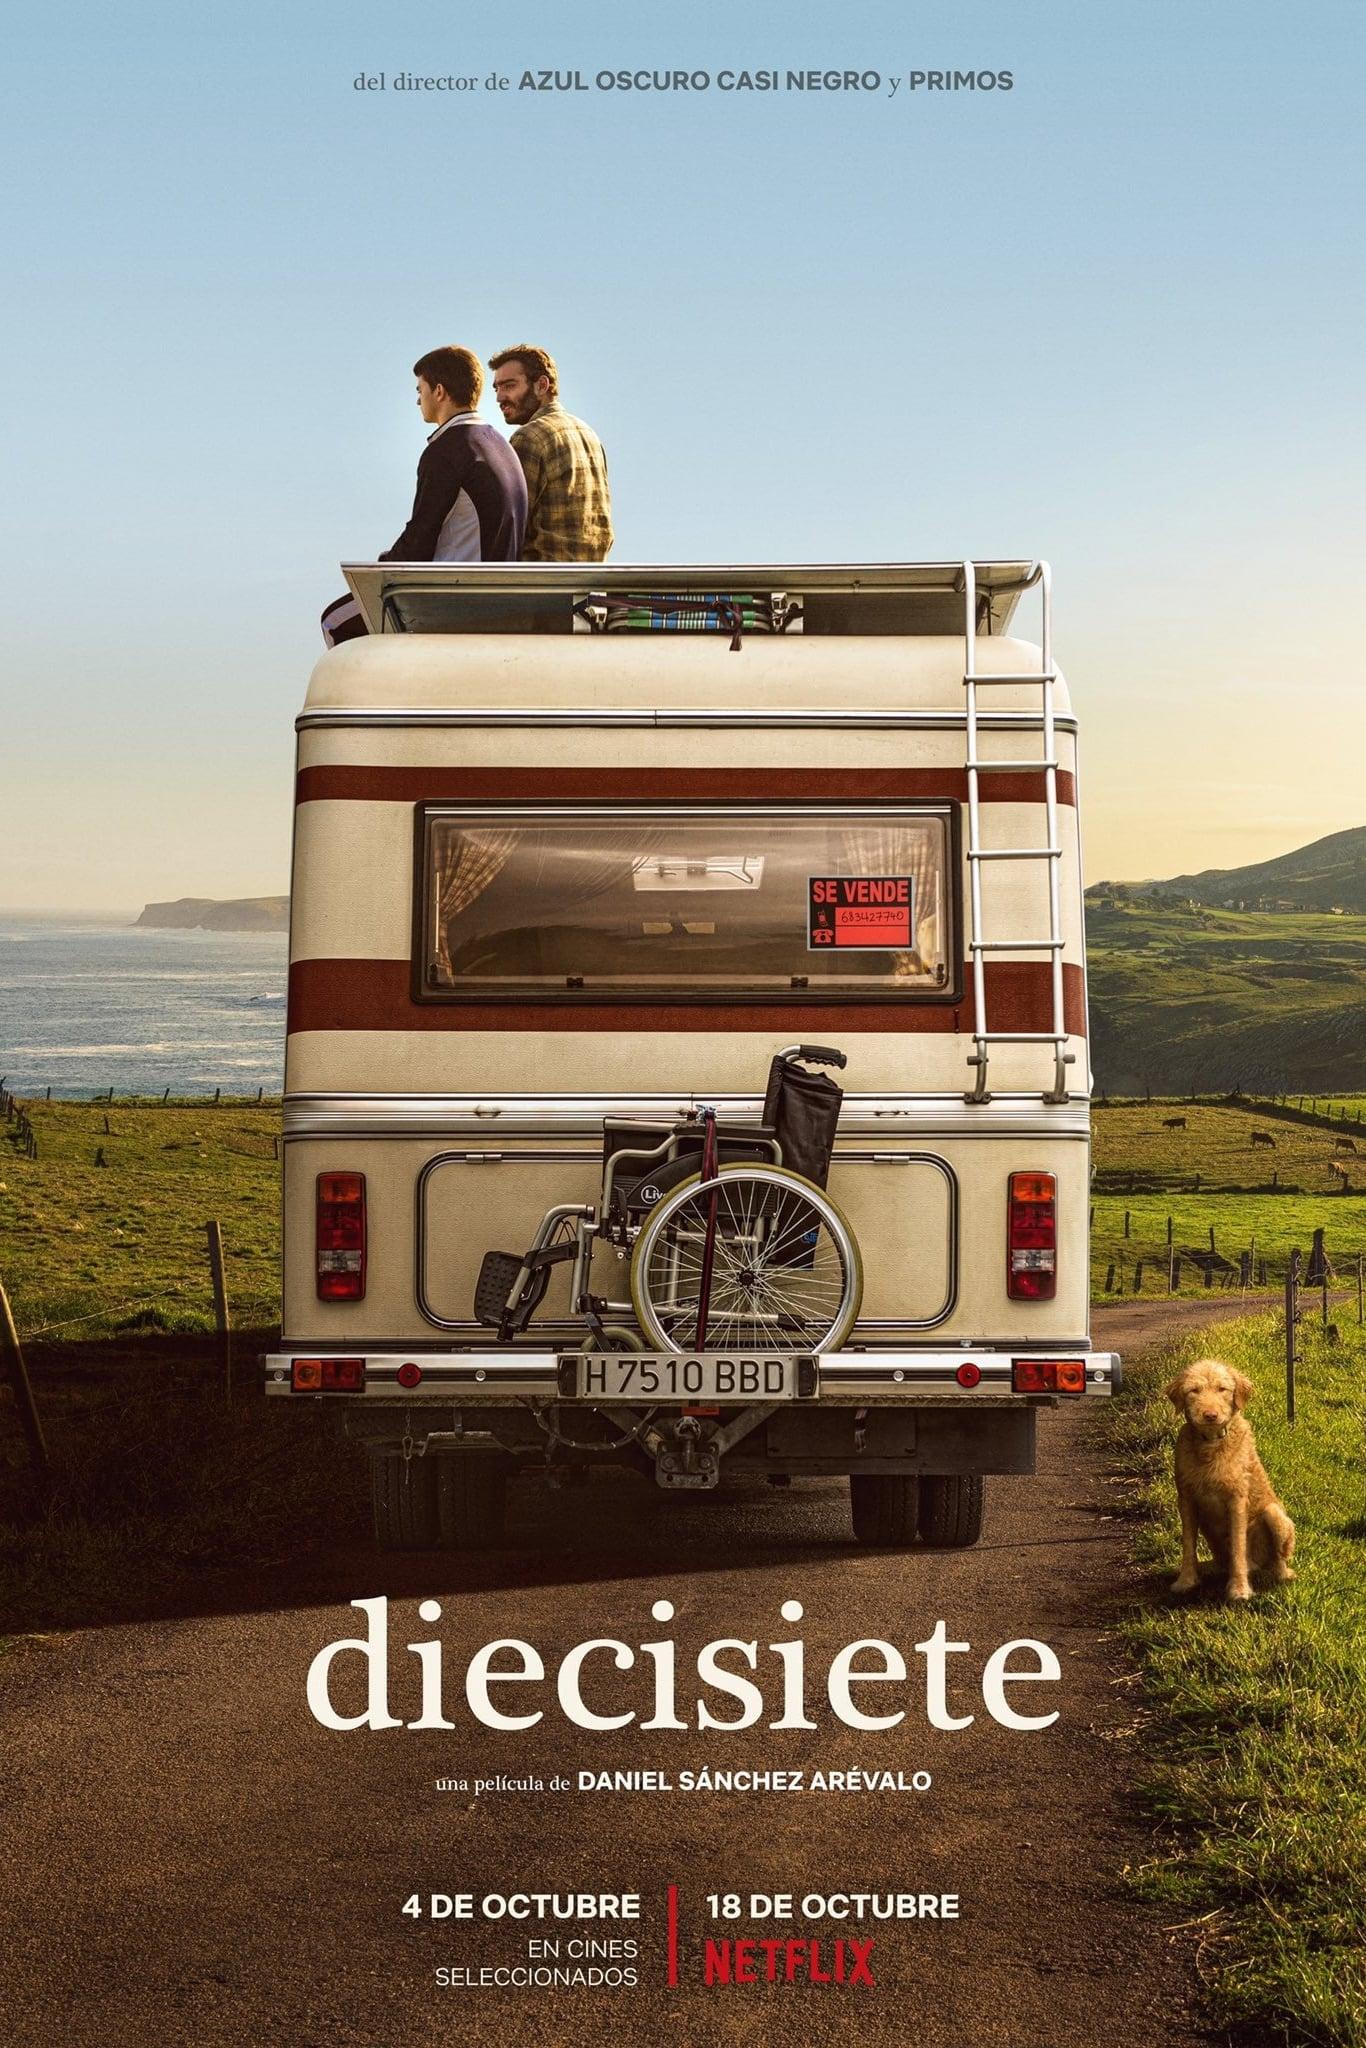 Hachiko Eine Wunderbare Freundschaft Ganzer Film Deutsch